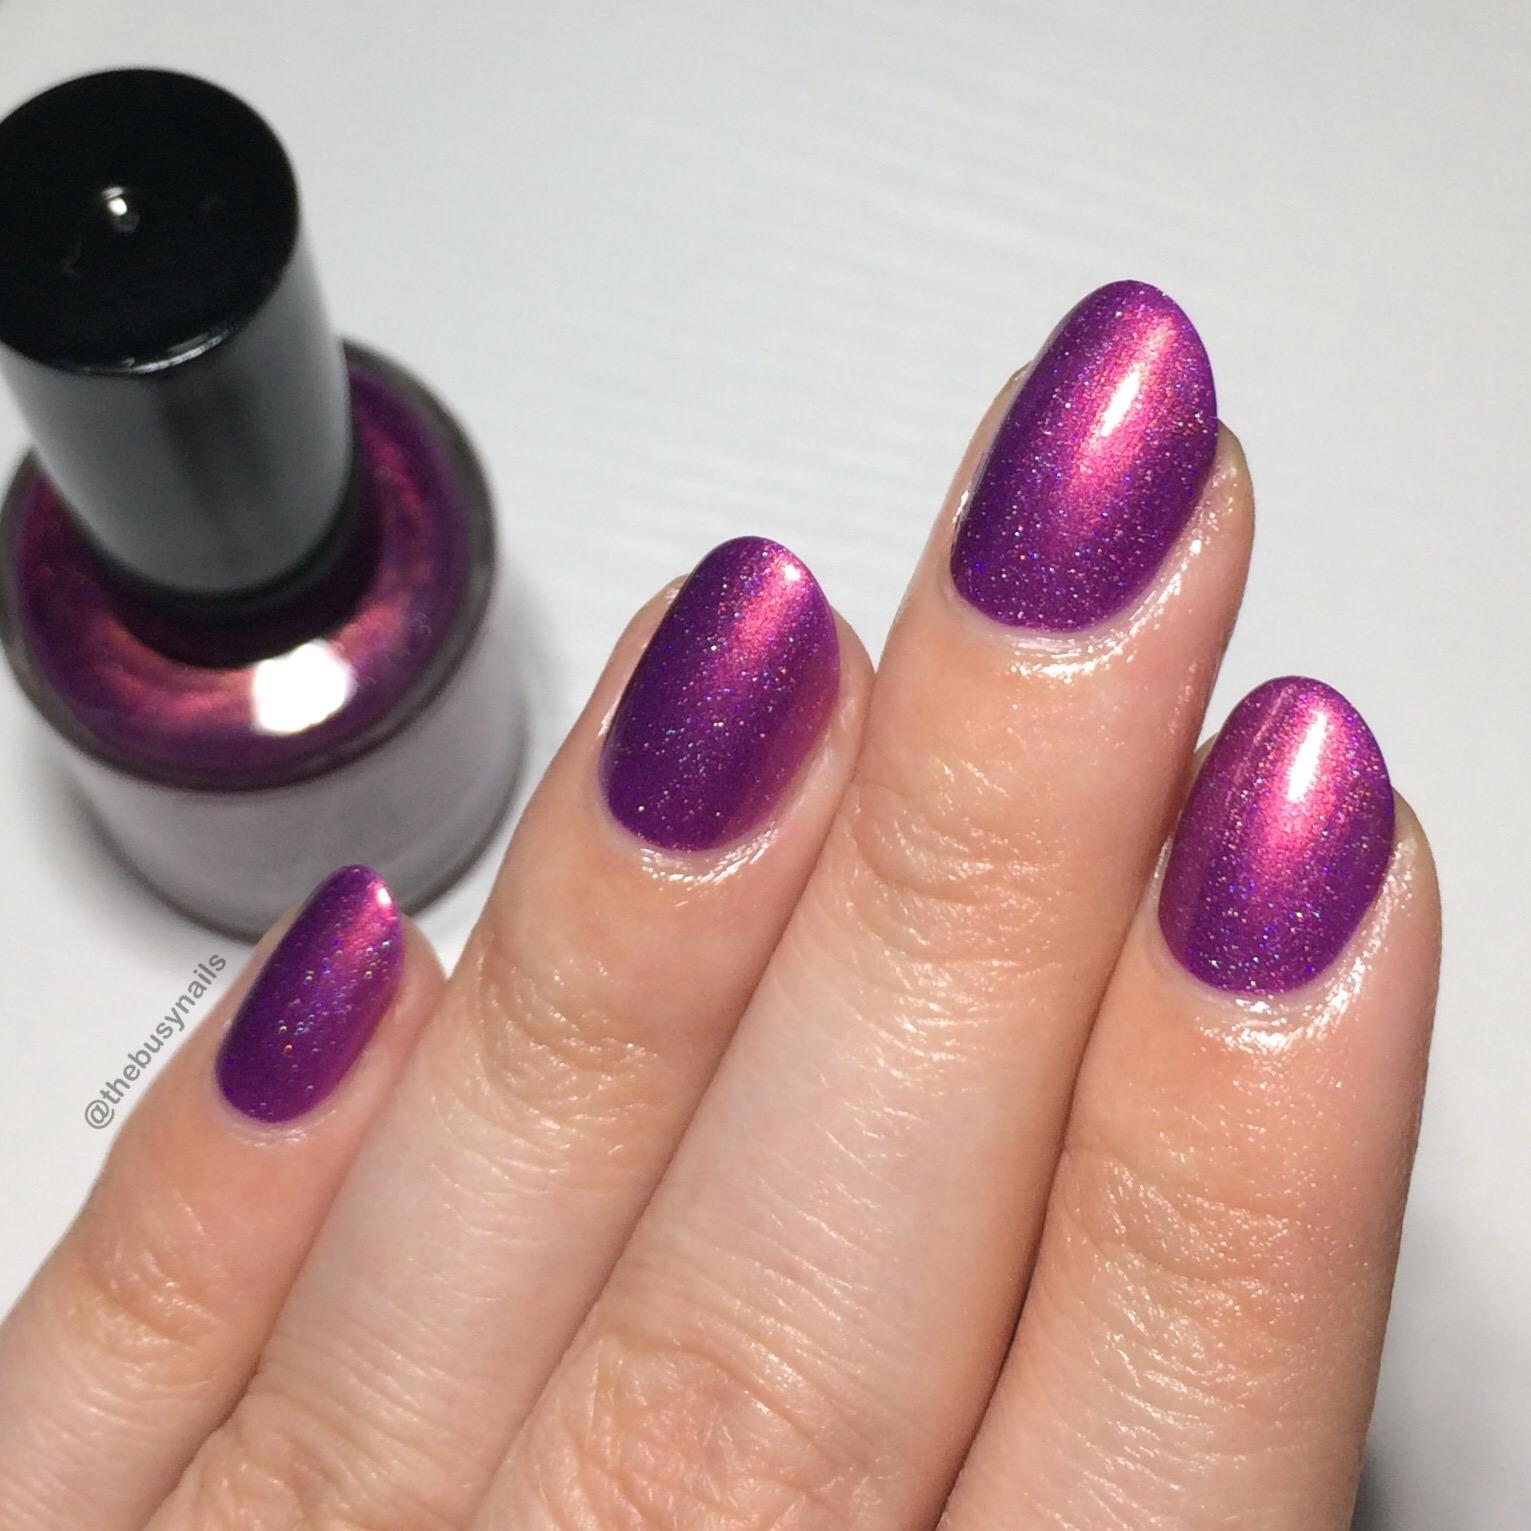 illyrian-polish-compel4.JPG